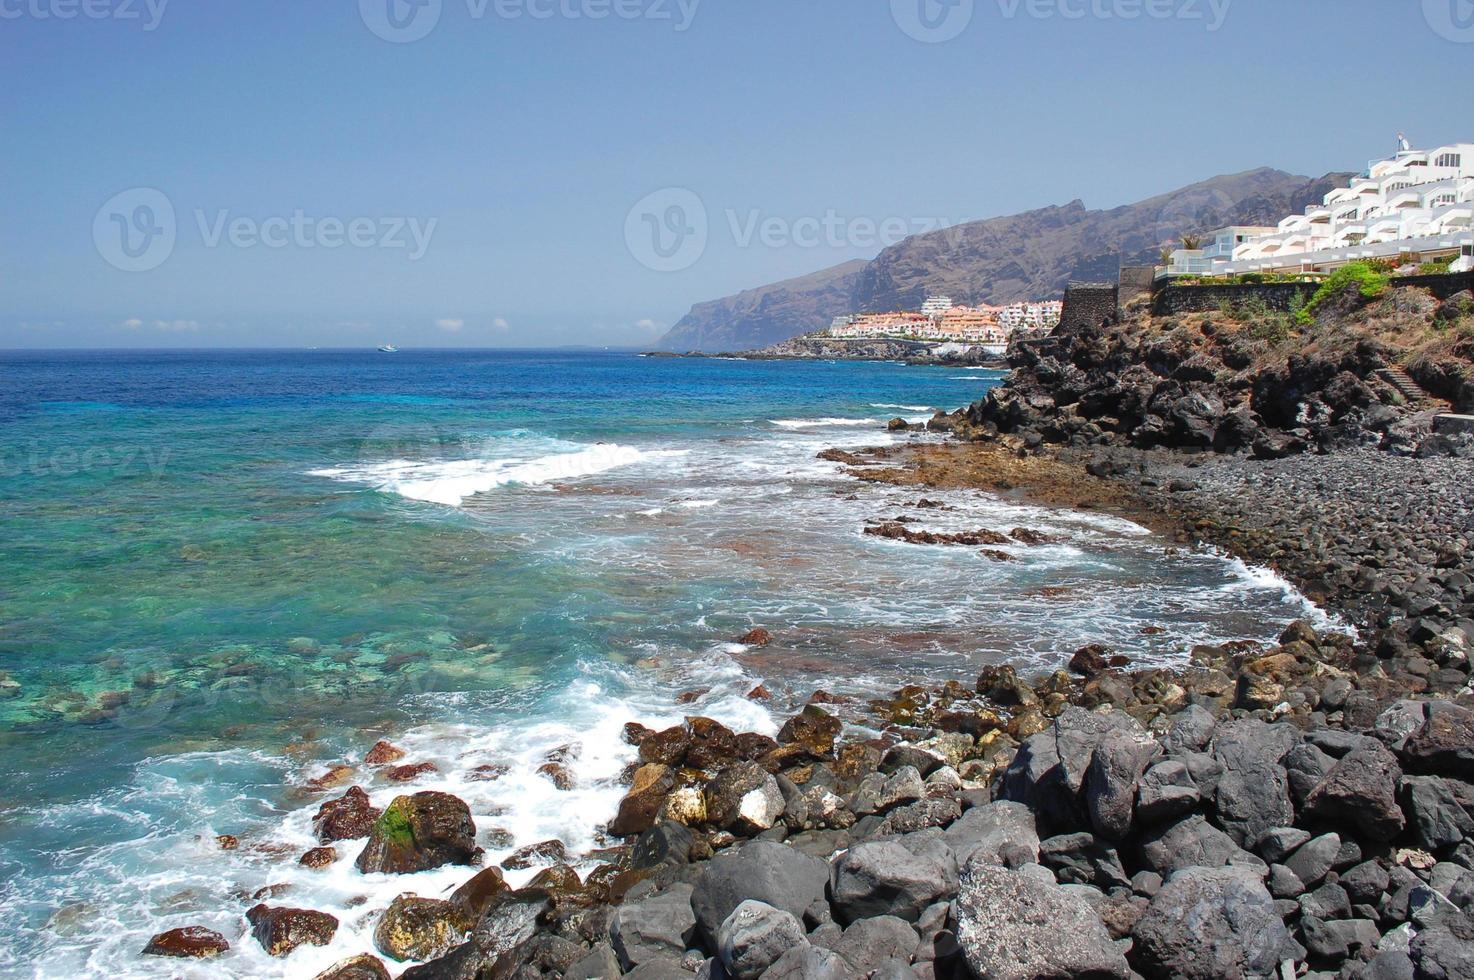 paesaggio costiero scenico a Puerto de Santiago, Tenerife, Spagna foto